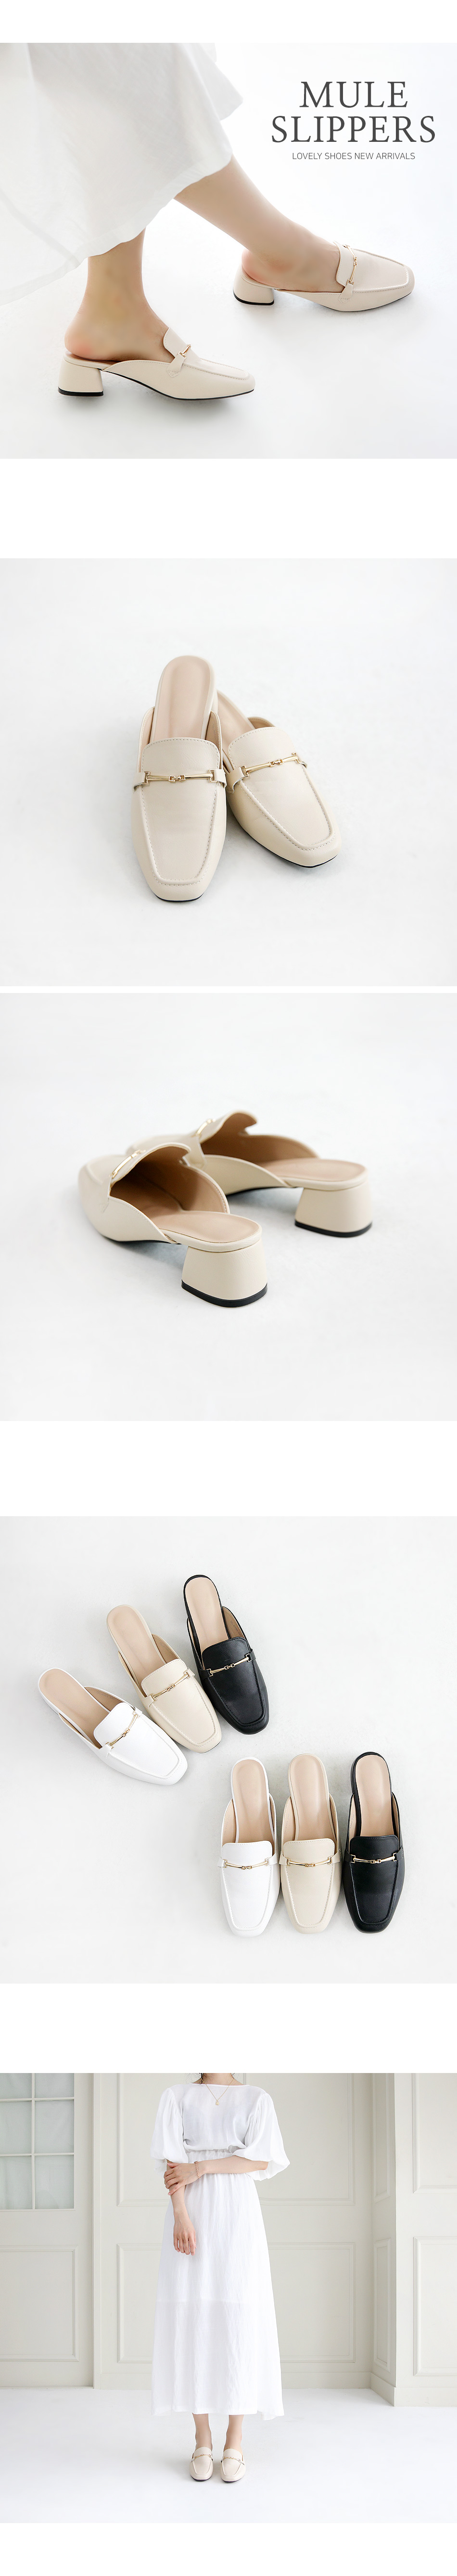 Great feeling mule slippers 5cm